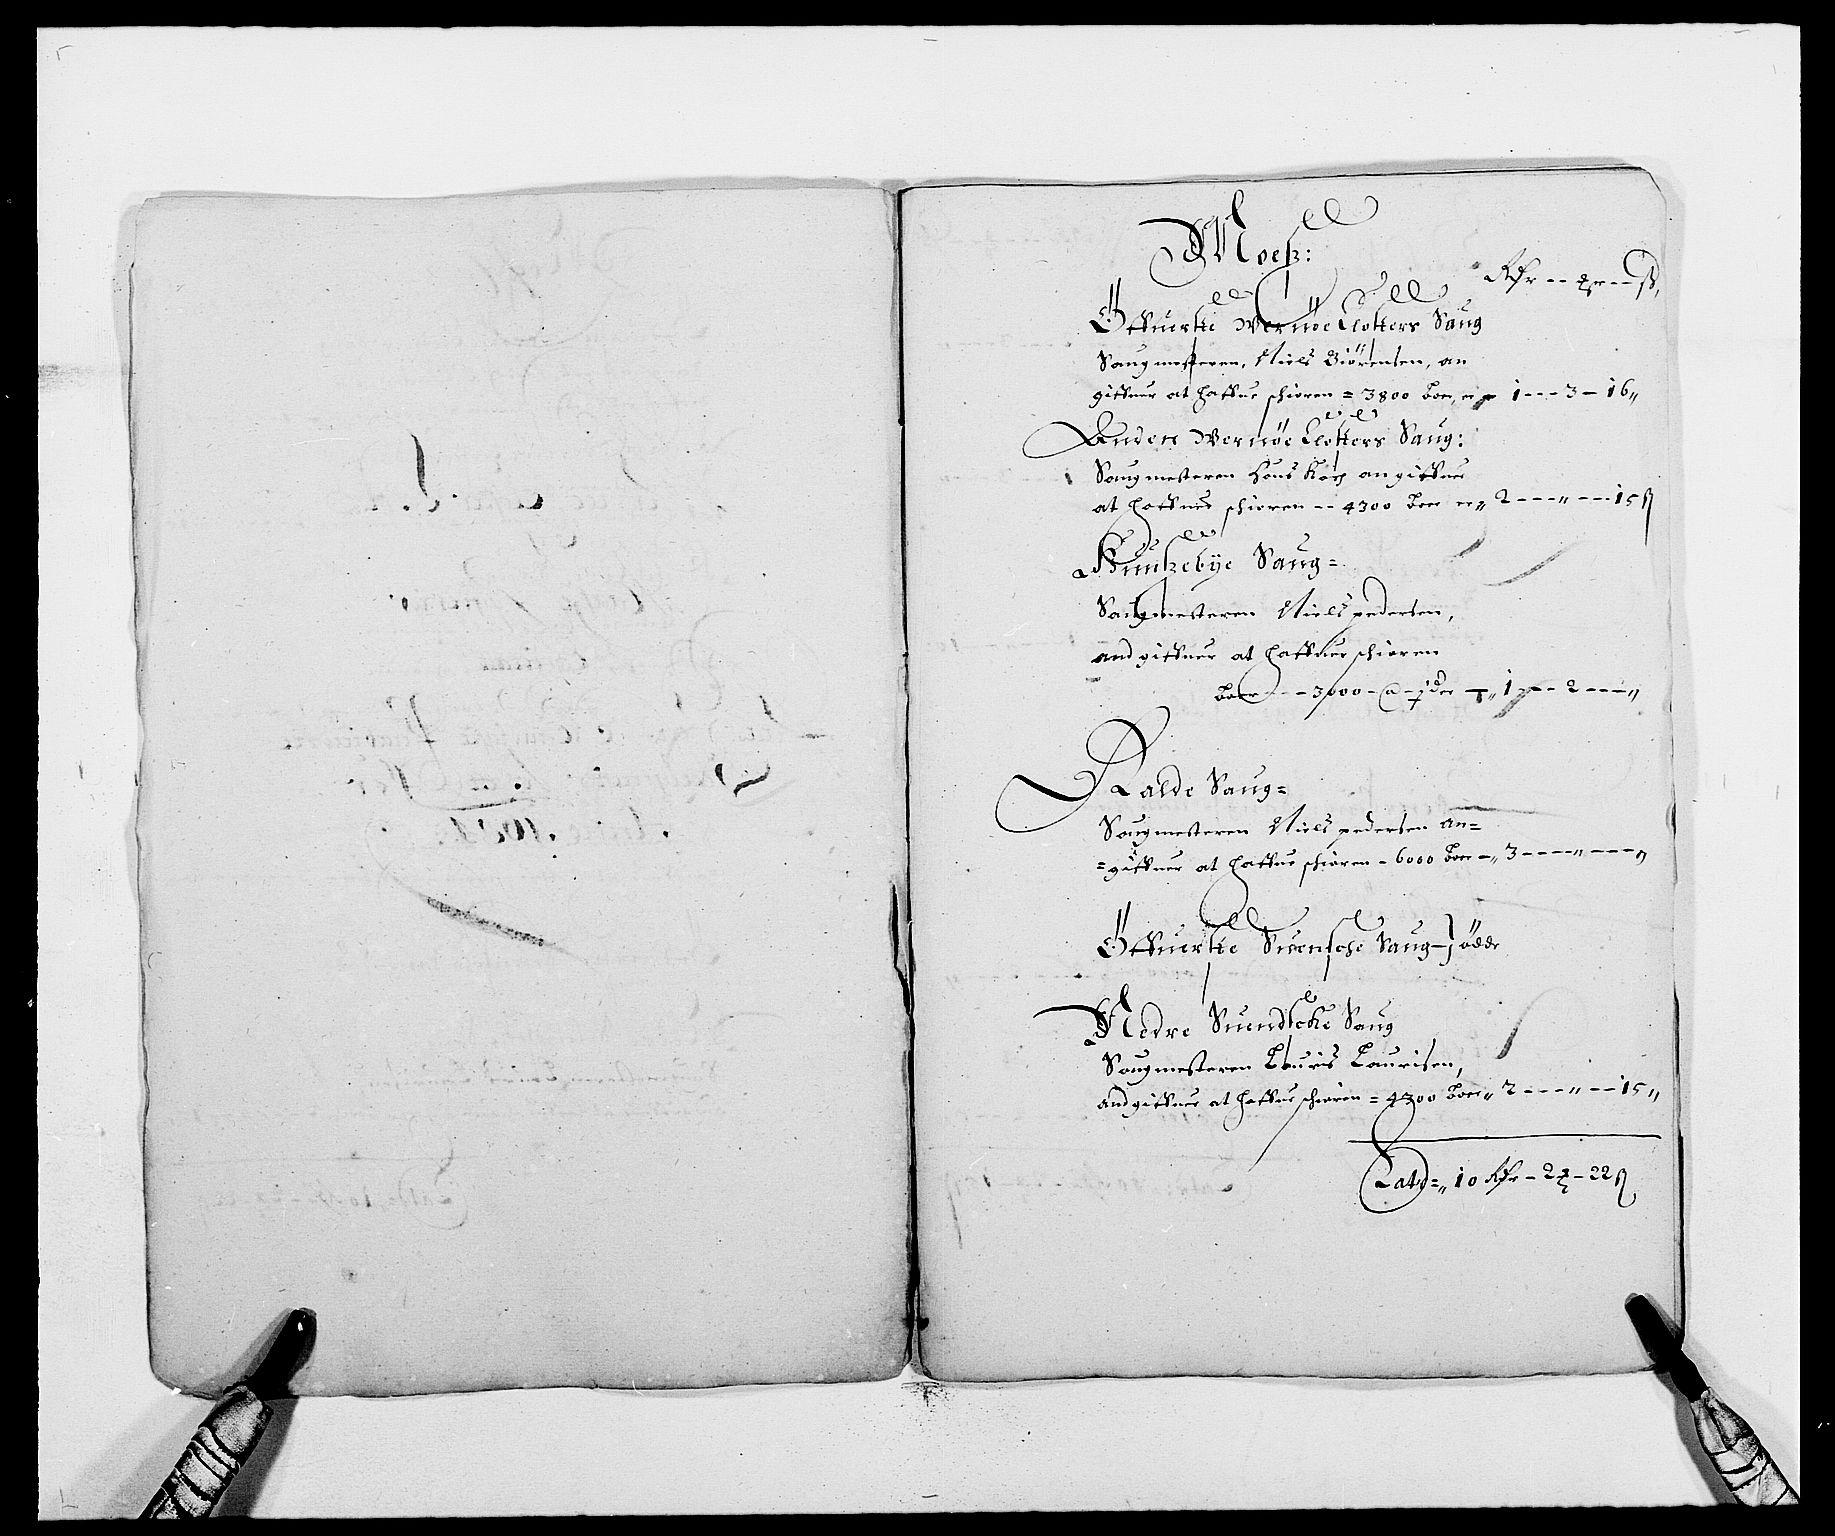 RA, Rentekammeret inntil 1814, Reviderte regnskaper, Fogderegnskap, R02/L0103: Fogderegnskap Moss og Verne kloster, 1682-1684, p. 512